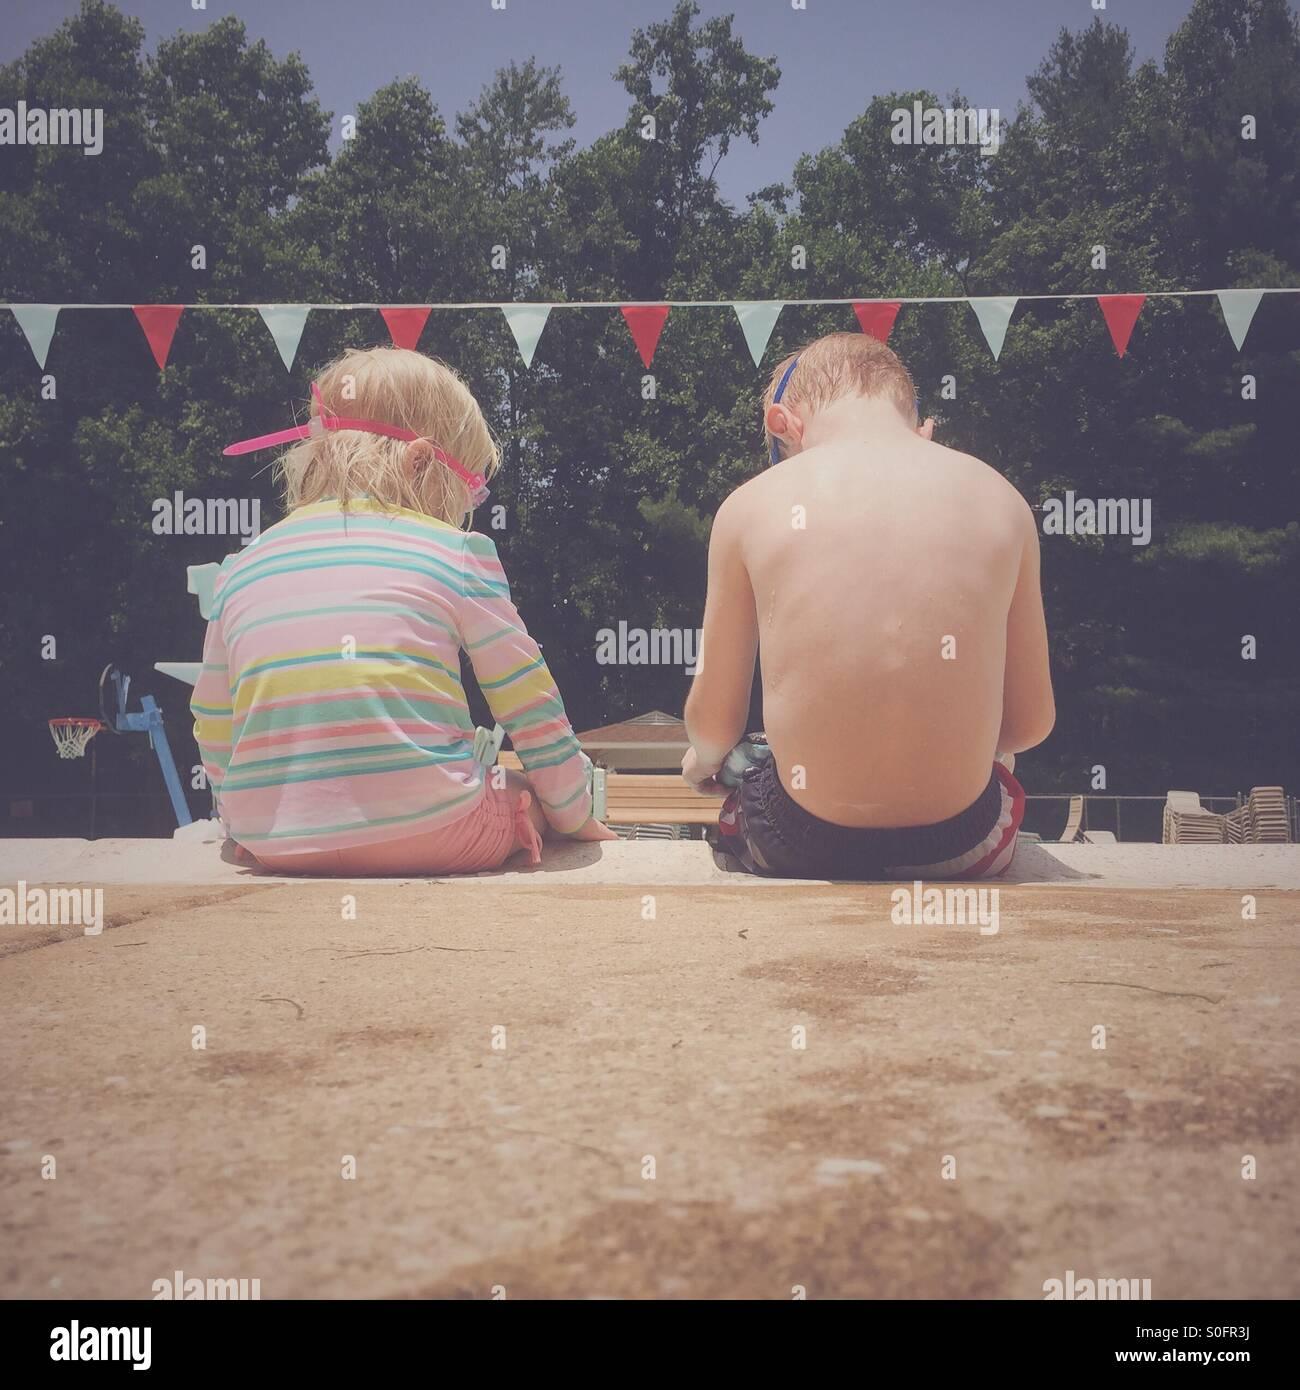 Deux jeunes enfants assis à côté de l'autre sur le côté d'une piscine. Photo Stock